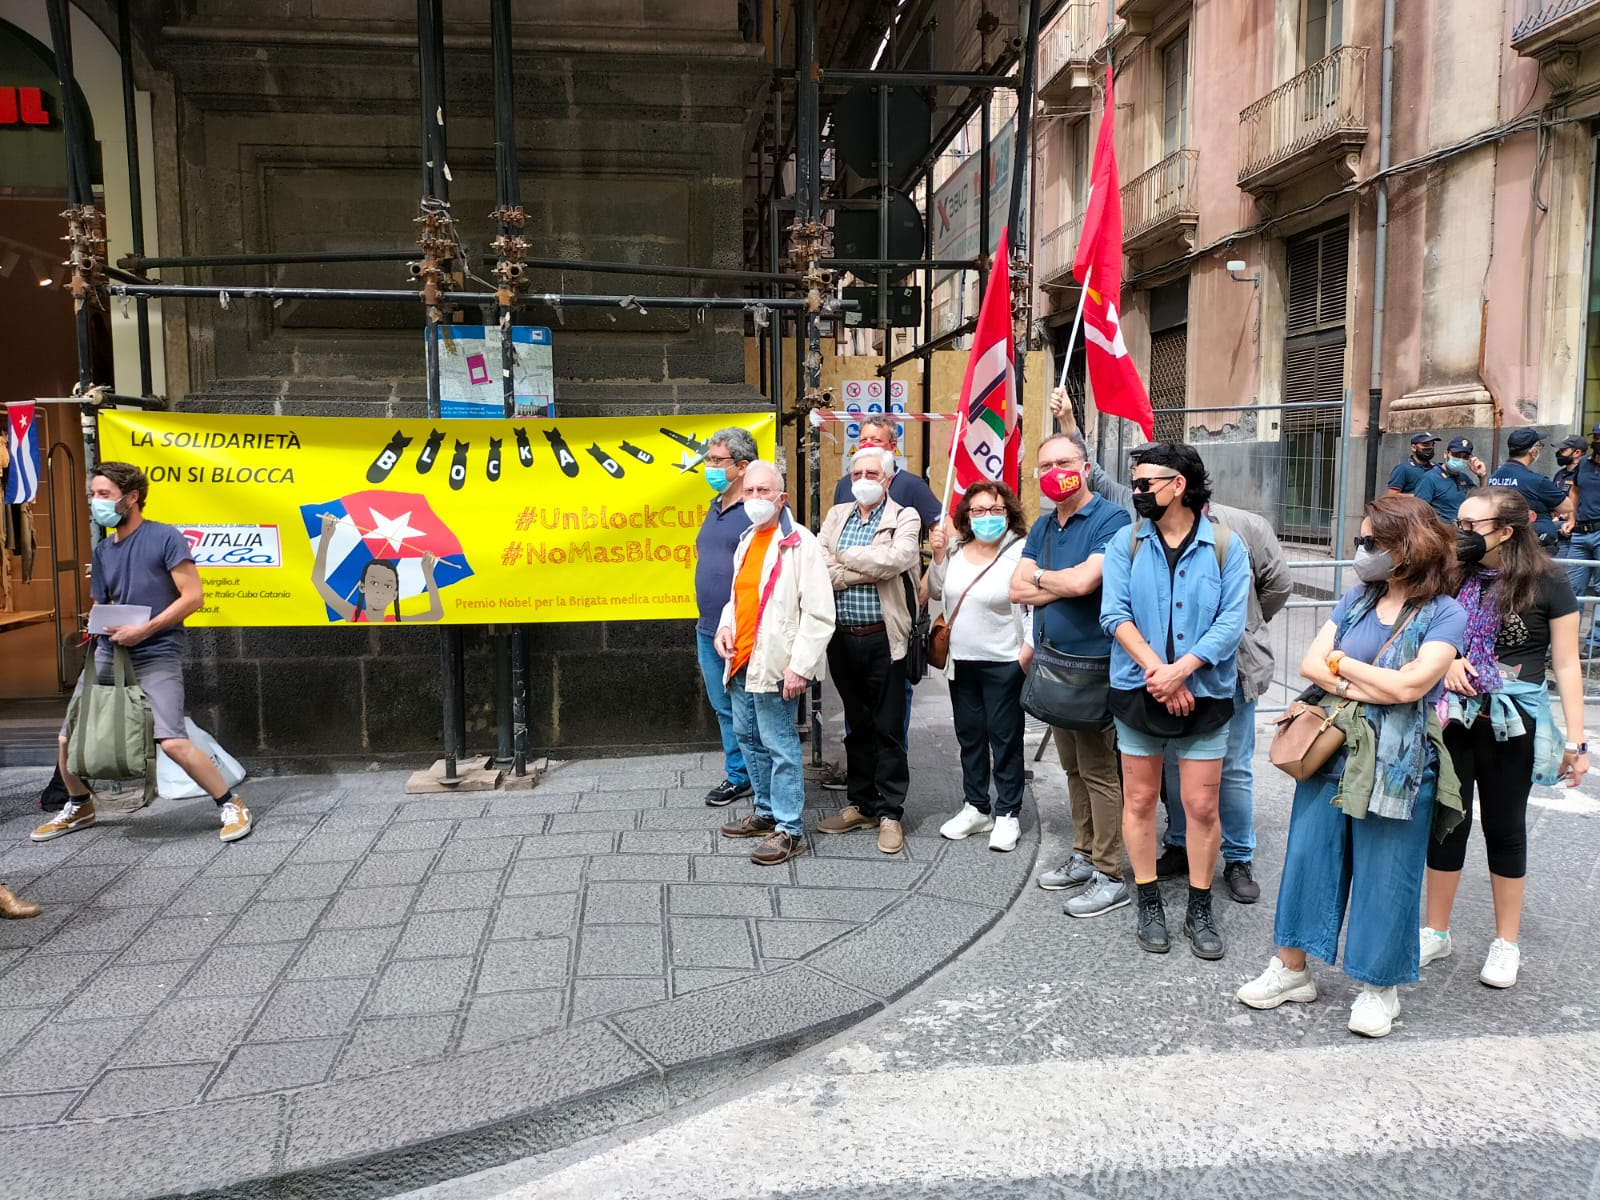 """Catania, presidio in Prefettura per dire """"Basta Blocco, Unblock Cuba"""": l'intervento di Luca Cangemi"""